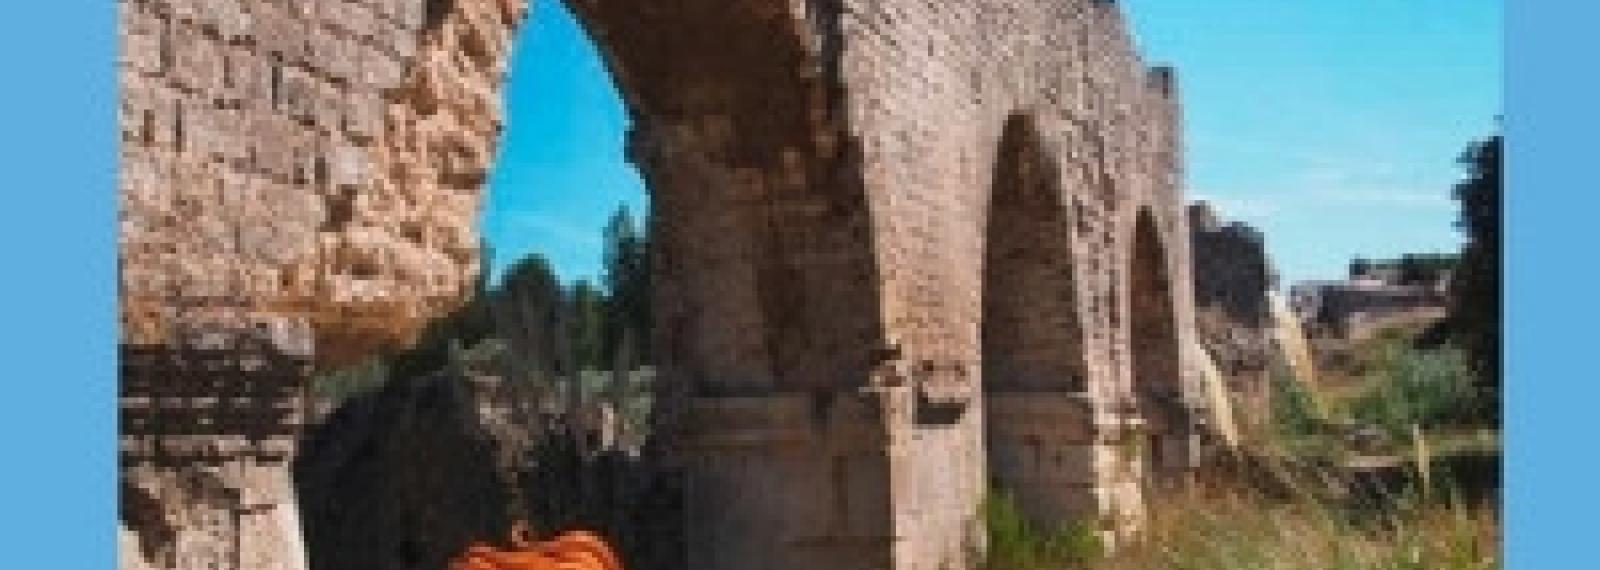 Carnet d'Aventure: en voyage au temps des Romains